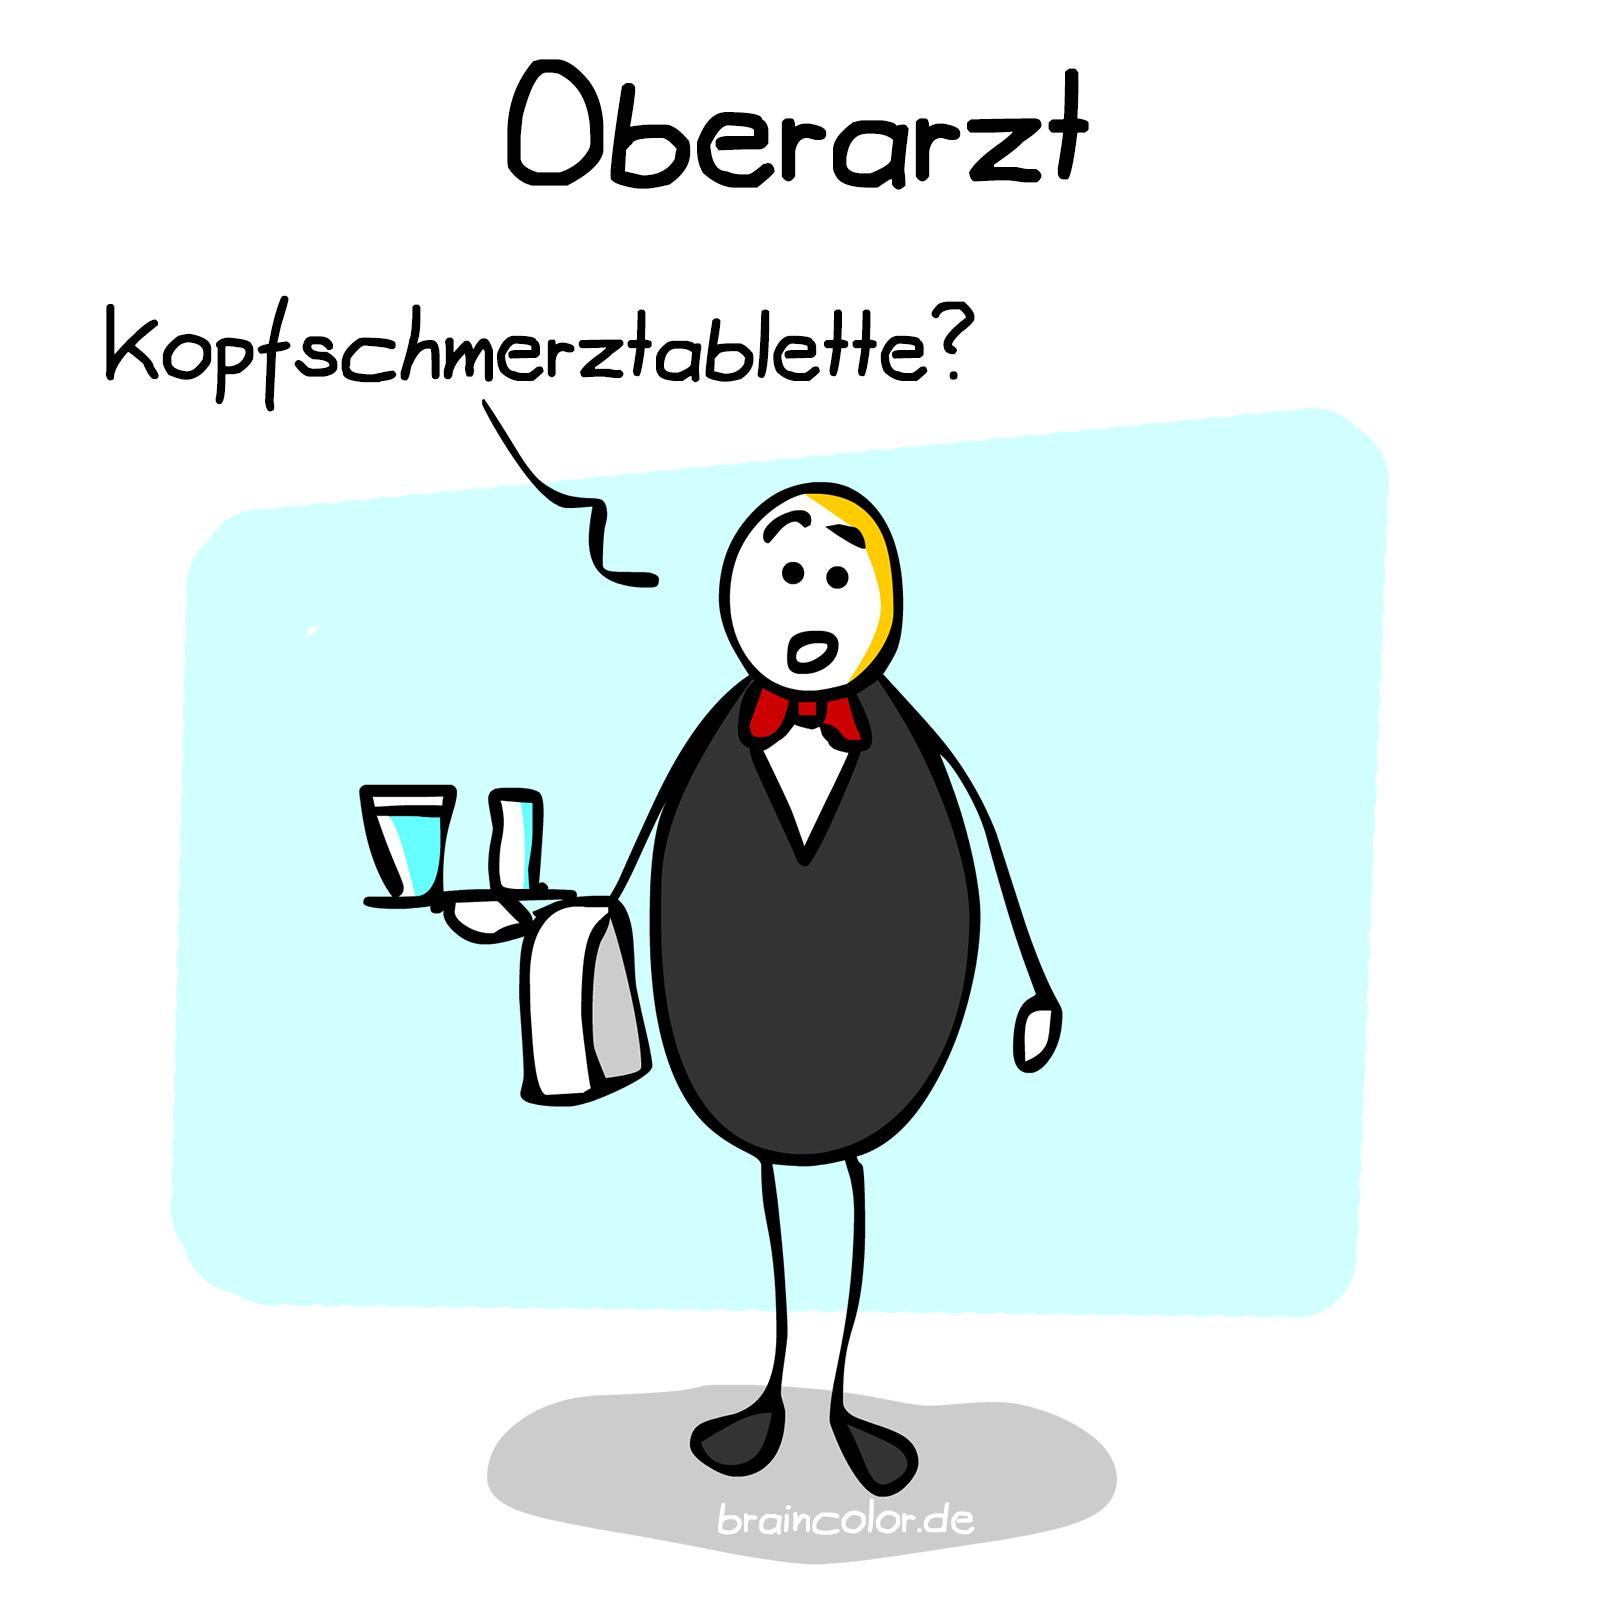 Oberarzt